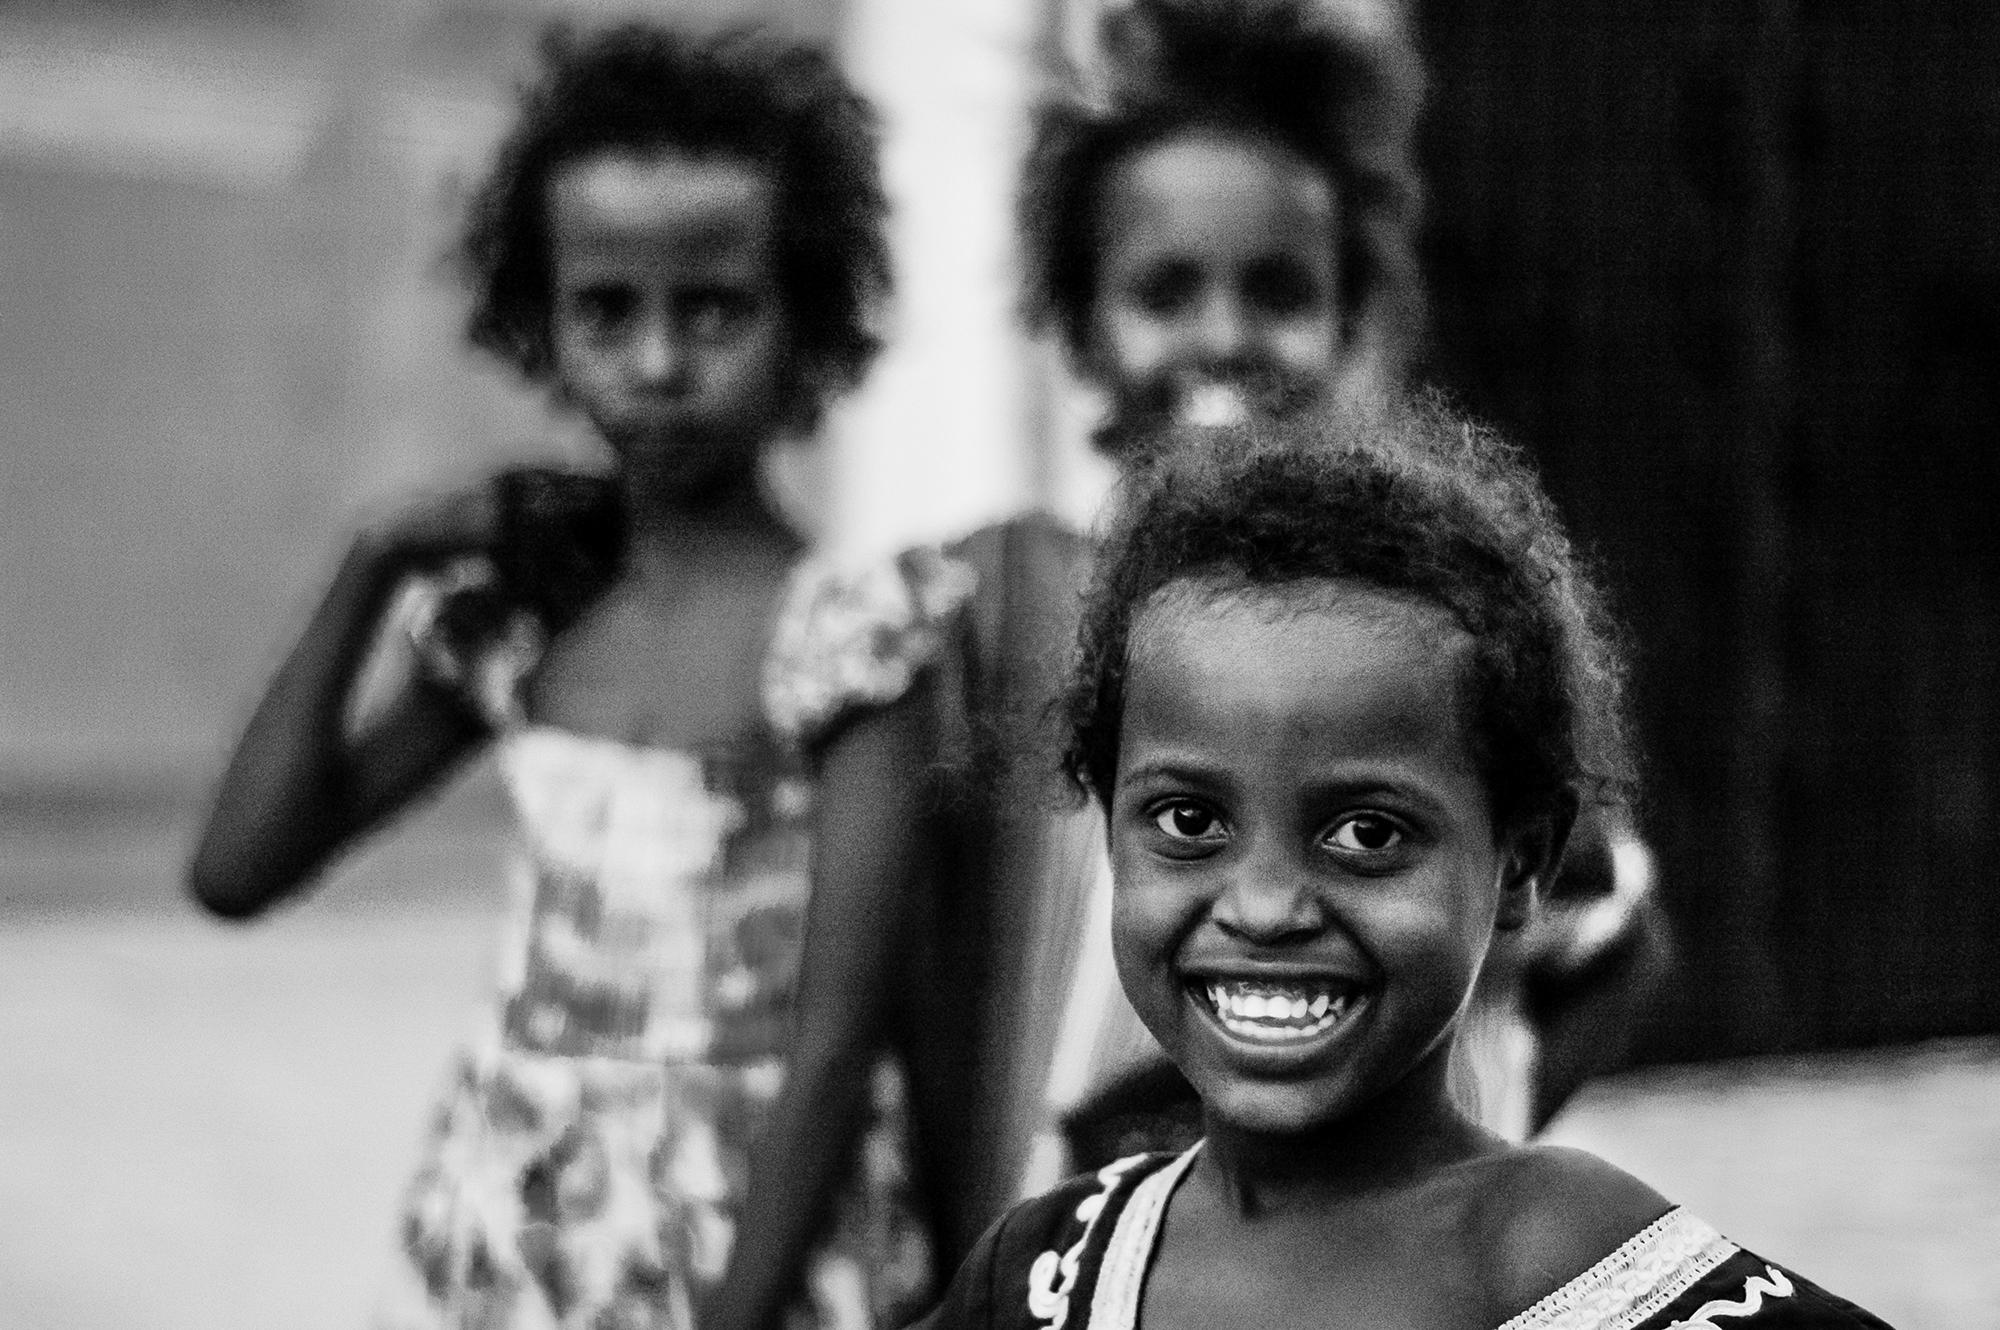 Enfants de la mer rouge - Djibouti - photo Damien Rossier